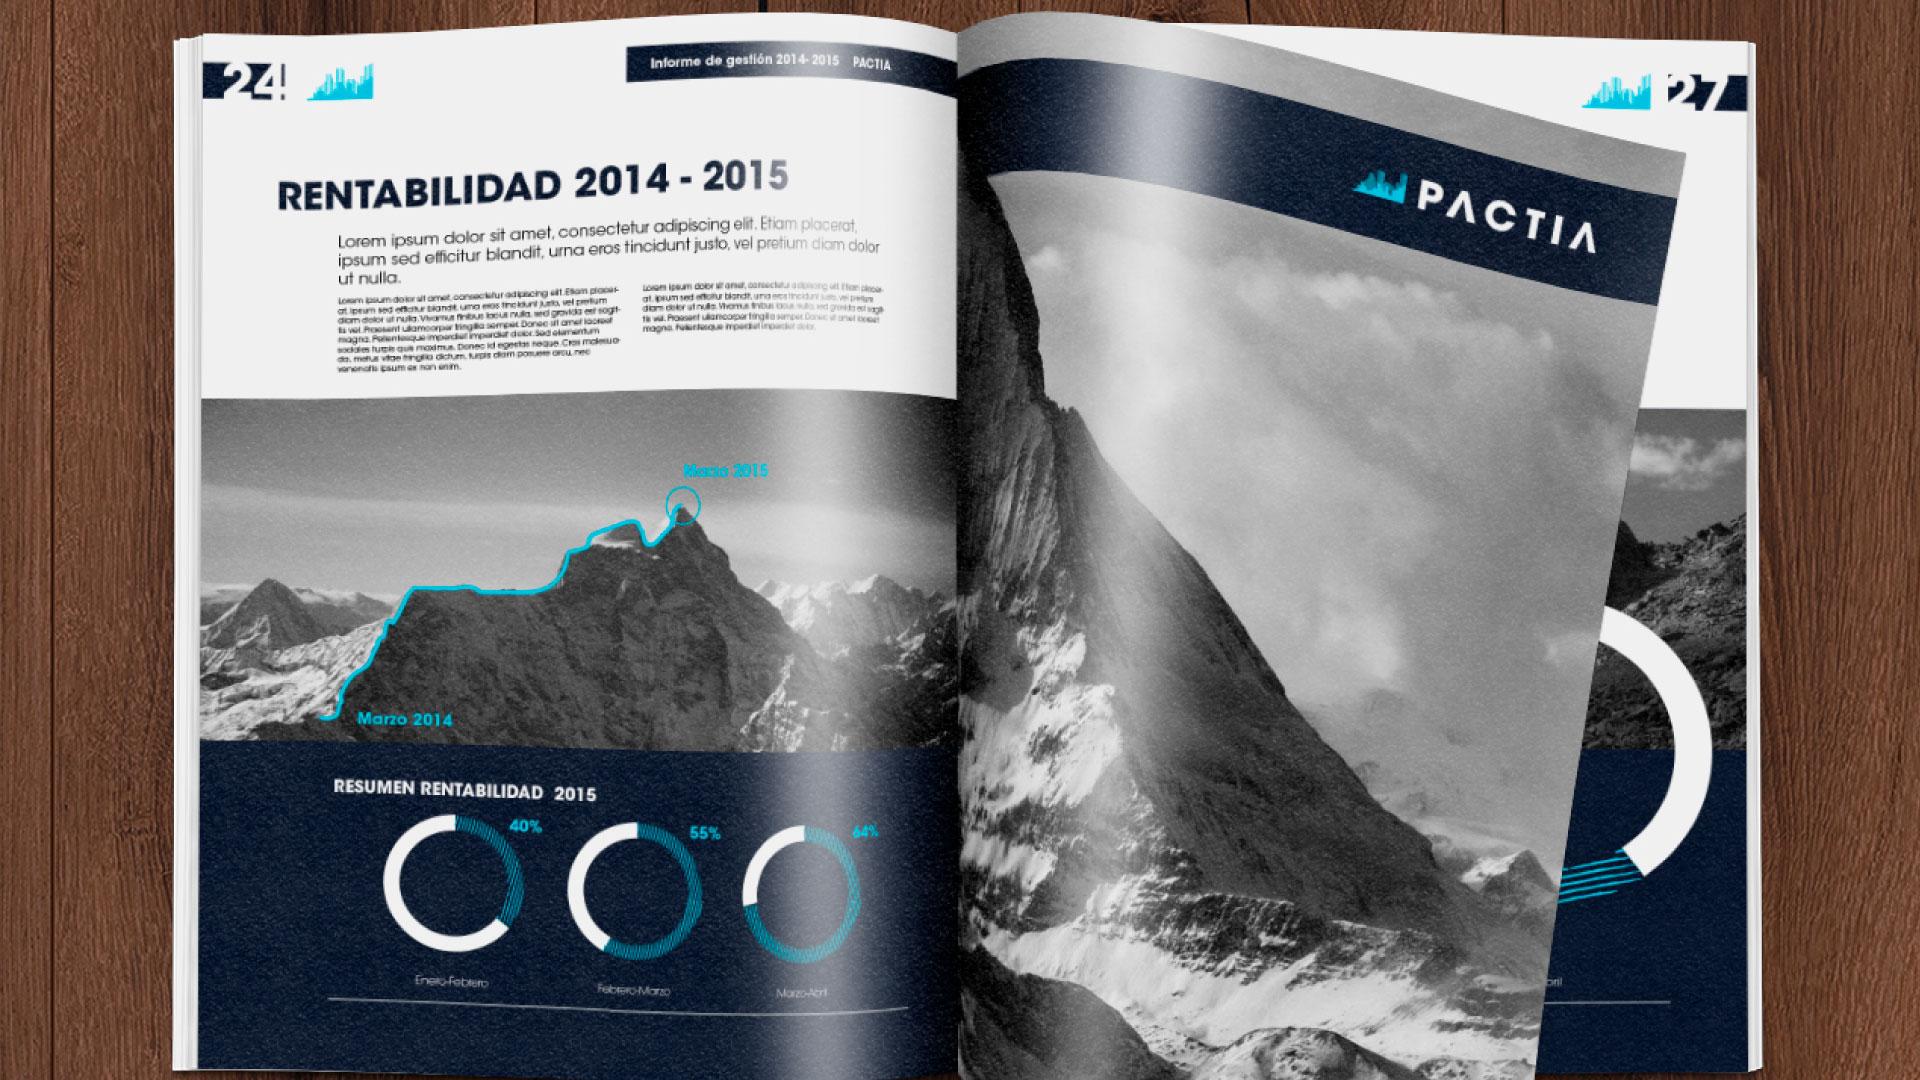 Slide-Pactia-4.jpg